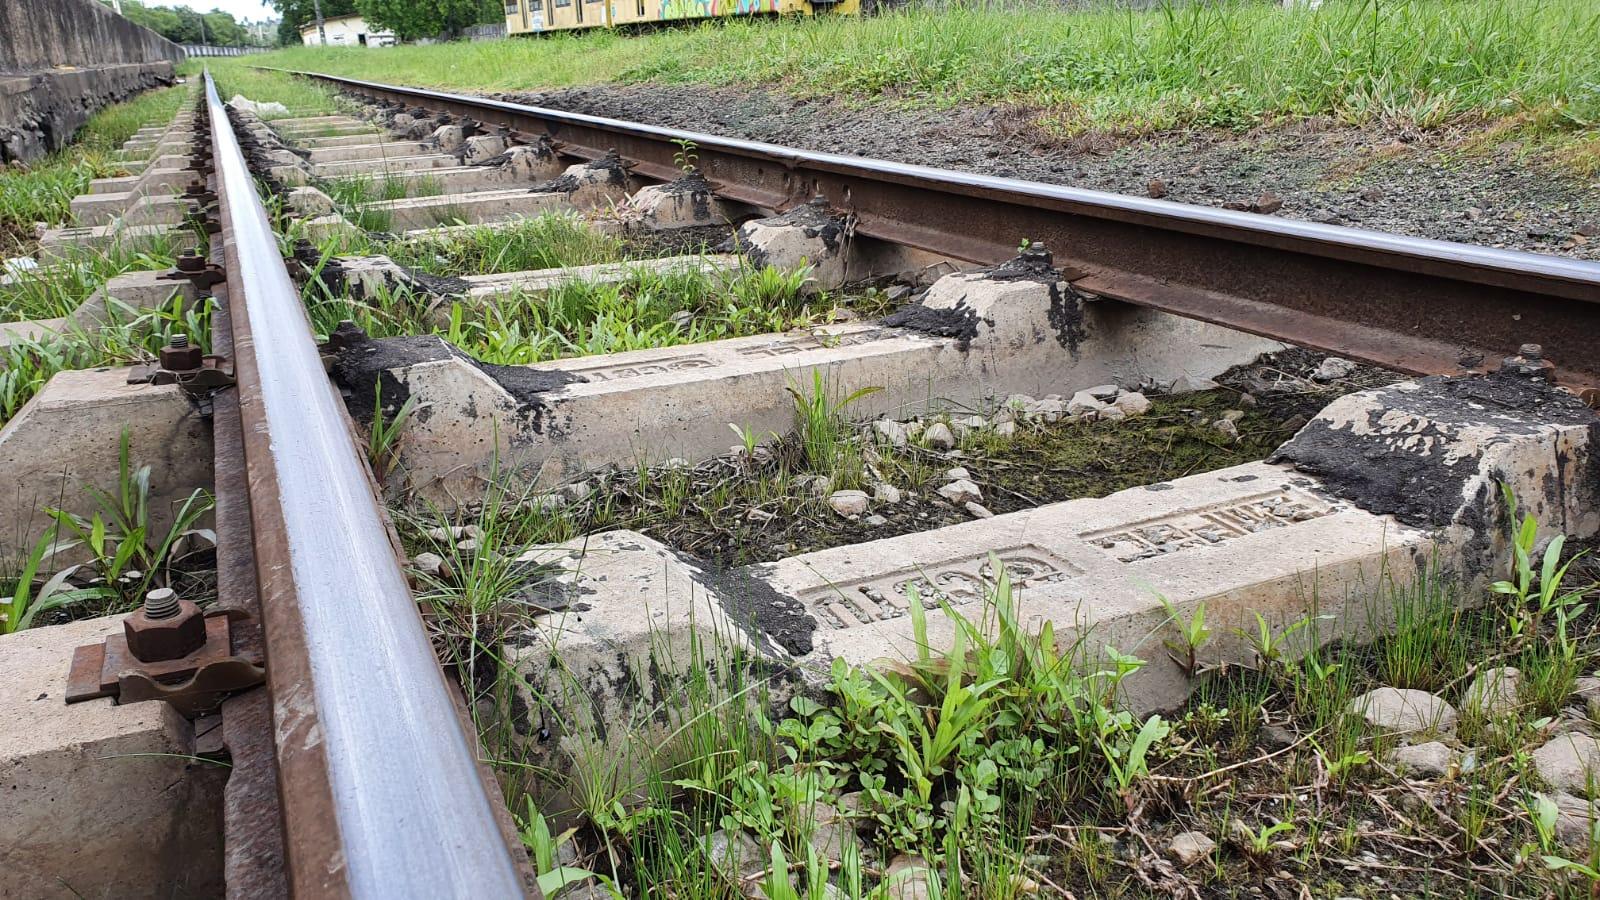 WhatsApp Image 2021 07 02 at 07.38.55 - CBTU  interdita trecho entre Cabedelo e Mandacaru para obras em desvio ferroviário